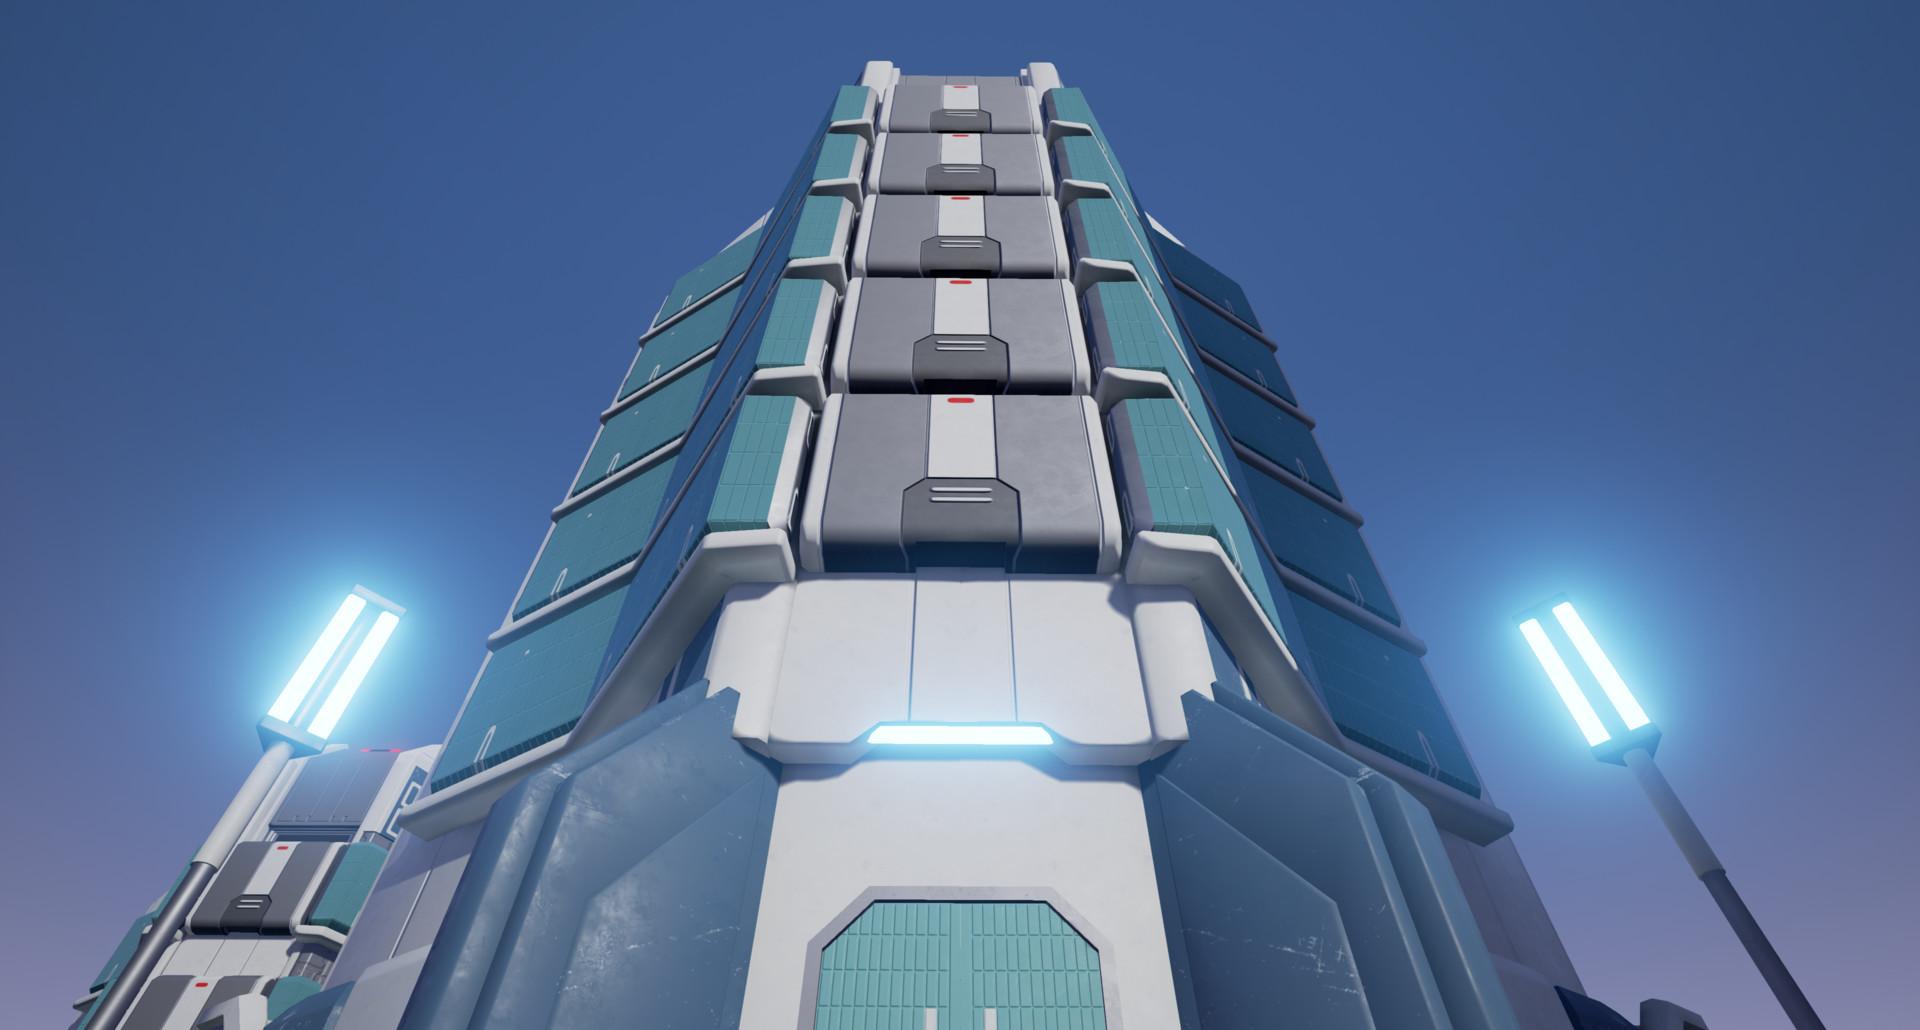 Sebastian vomvas building 6